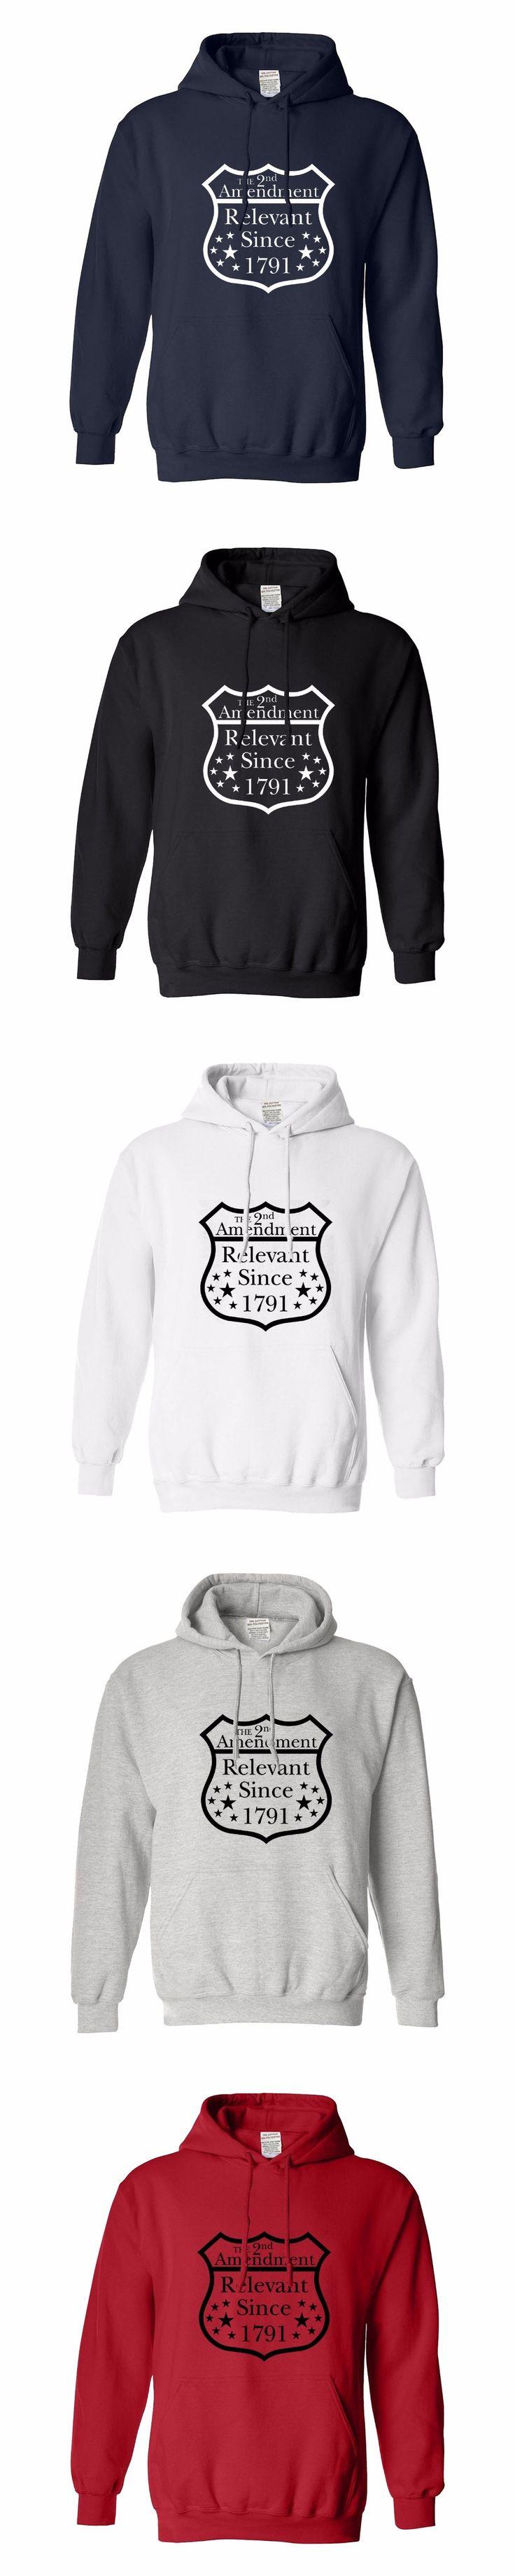 hoodies men clothes hoodies men logo oversized men printed hoodie Gun Lover Gift 2nd Amendment Relevant Since 1791 men's hoodie